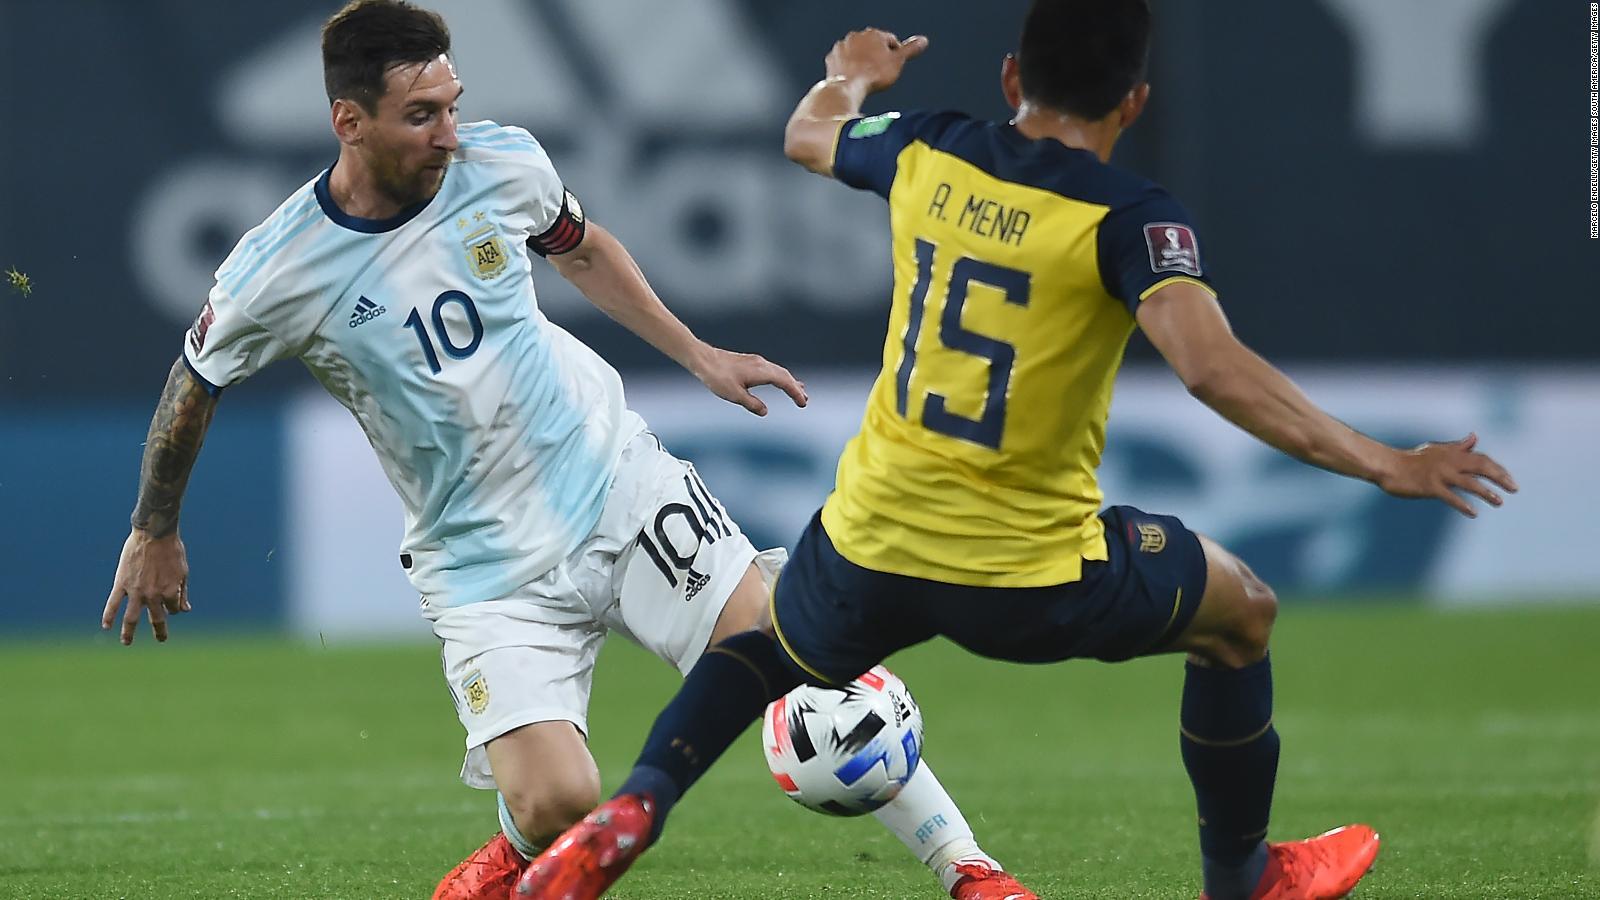 201009002737-argentina-ecuador-eliminatorias-copa-mundo-2022-wt-deportes-hugo-manu-correa-00000130-f